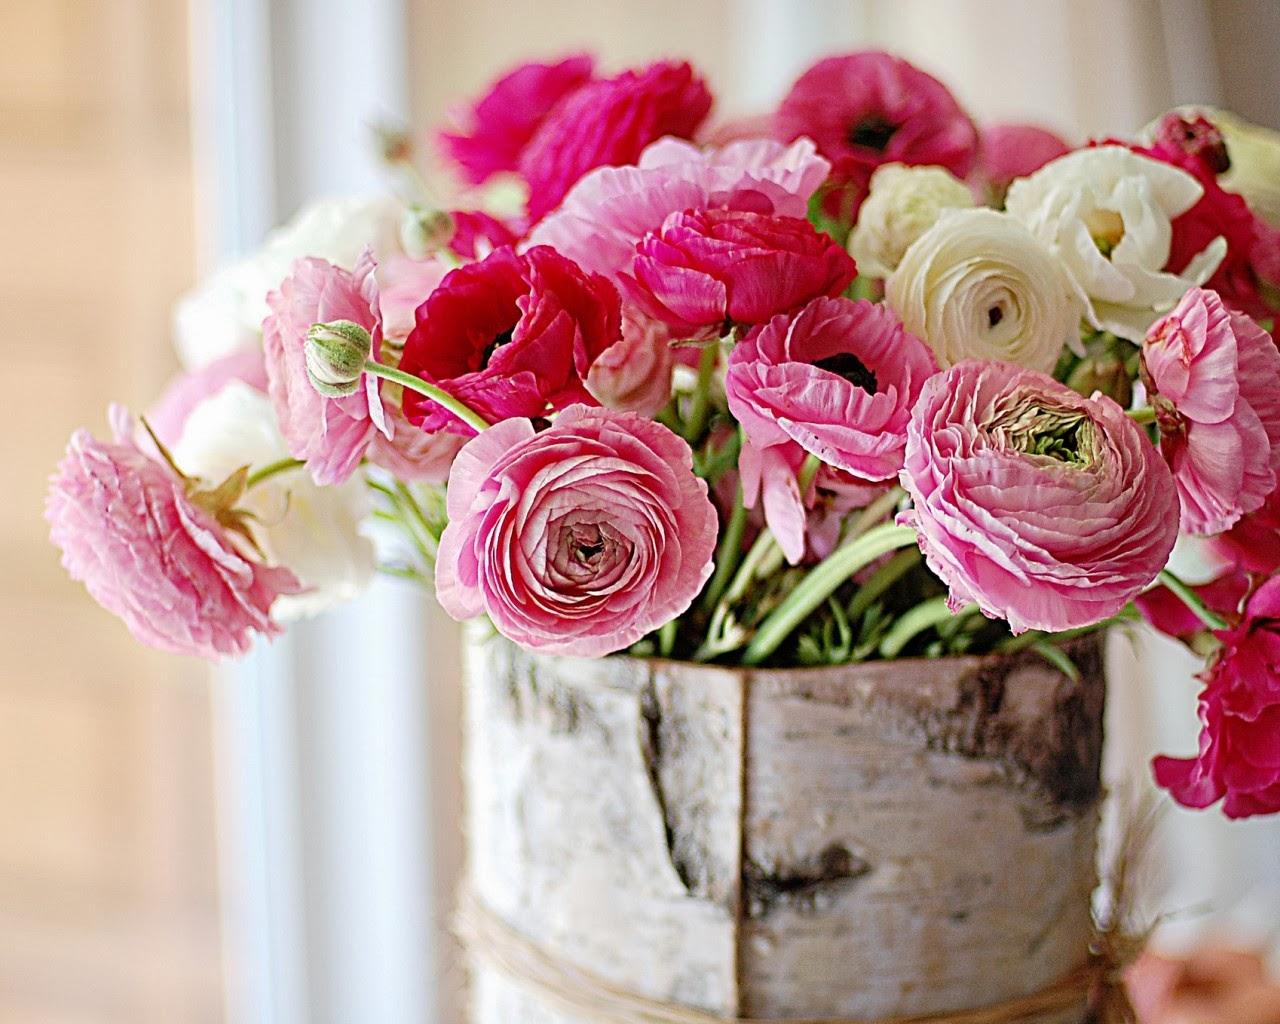 بالصور تنزيل صور ورد , الورد وجماله وابرازه فى صورة جميله 1657 2